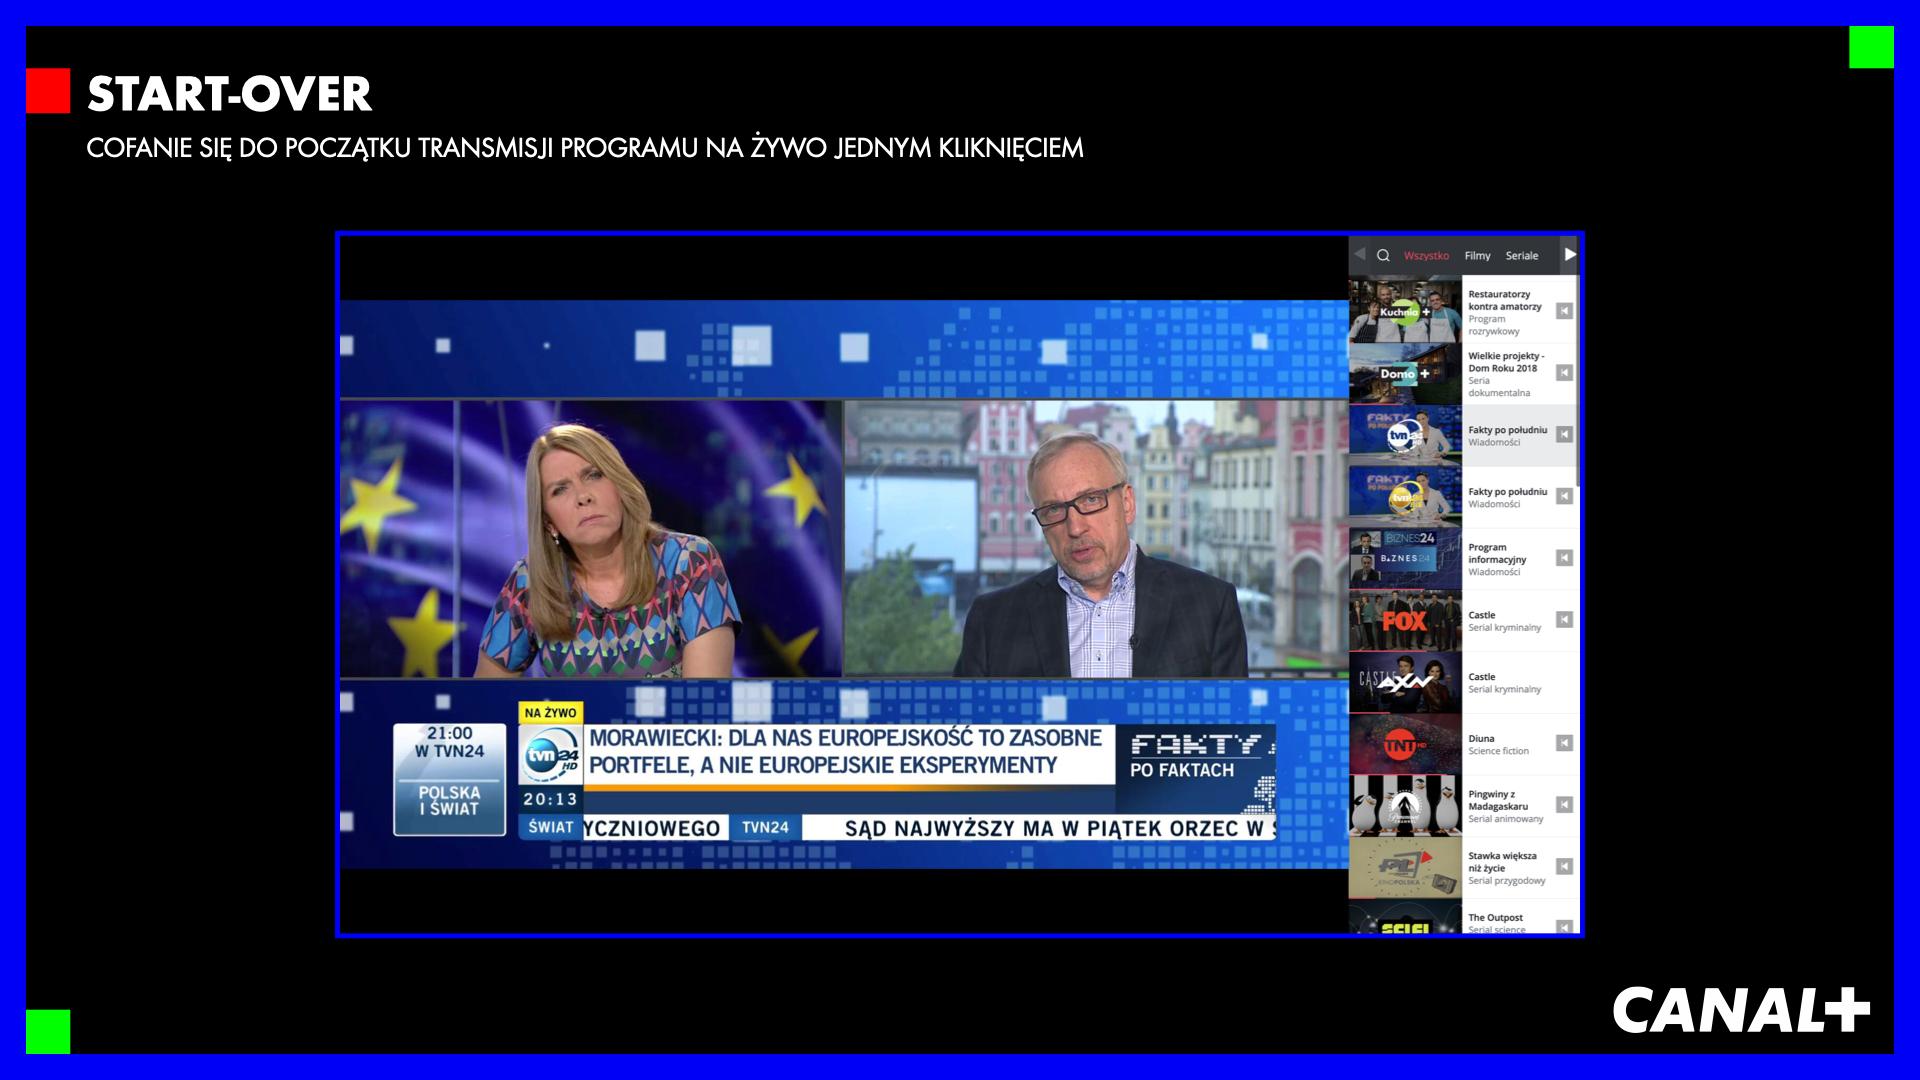 canal plus telewizja przez internet 9 STARTOVER